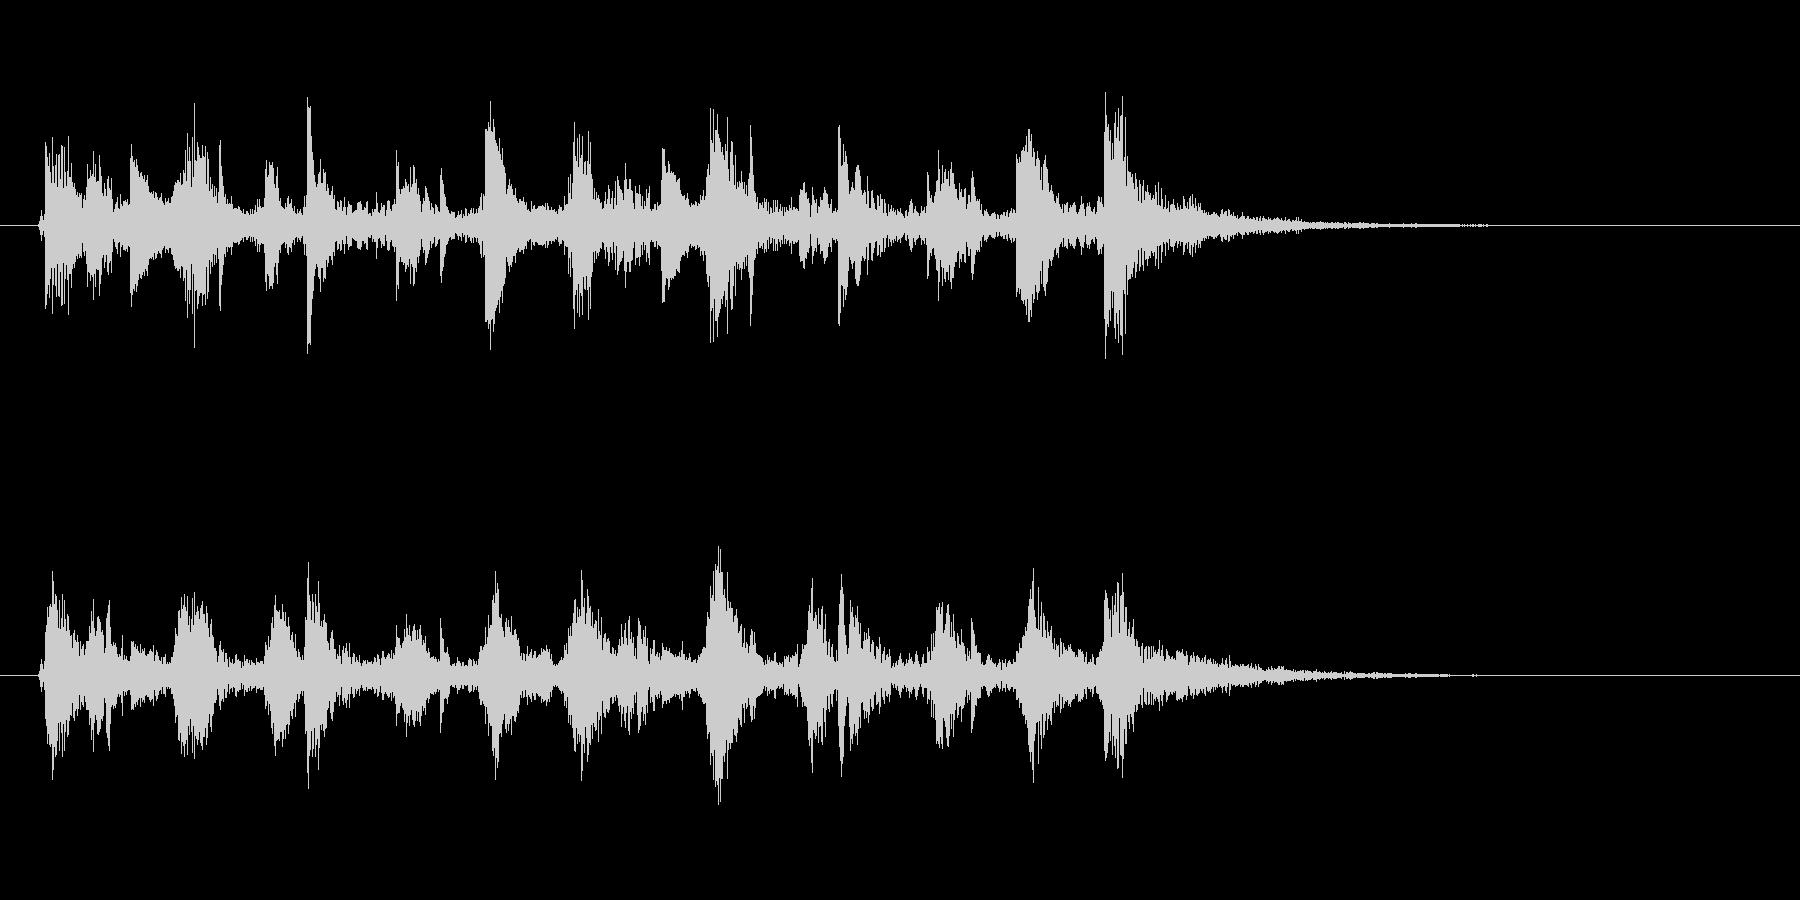 ピチカート音の清涼感のあるジングルの未再生の波形